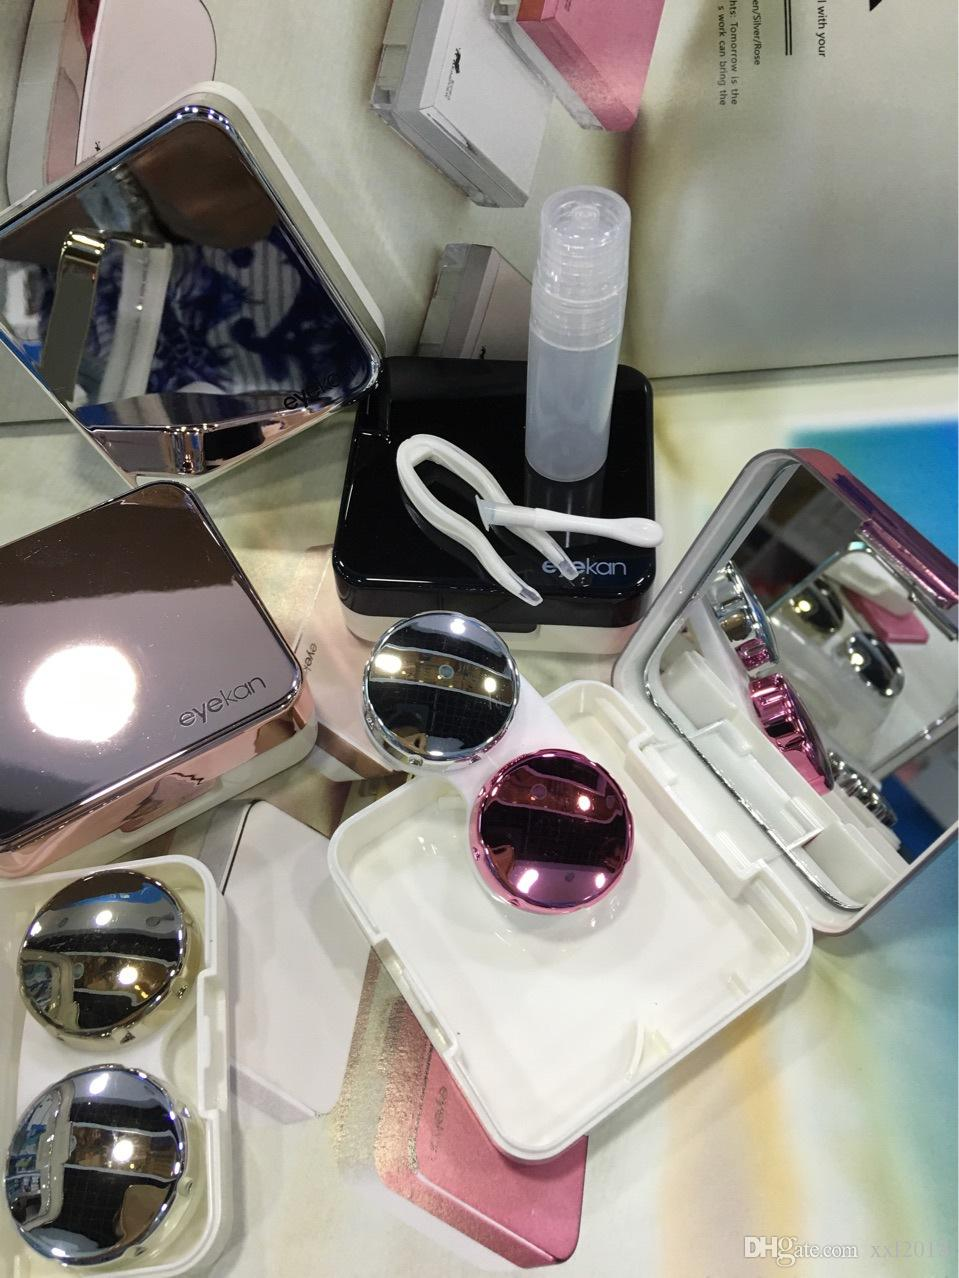 Высококачественная коробка контактных линз с различными цветами, включенными в пять видов гаджетов, чтобы выбрать уход за контактными линзами